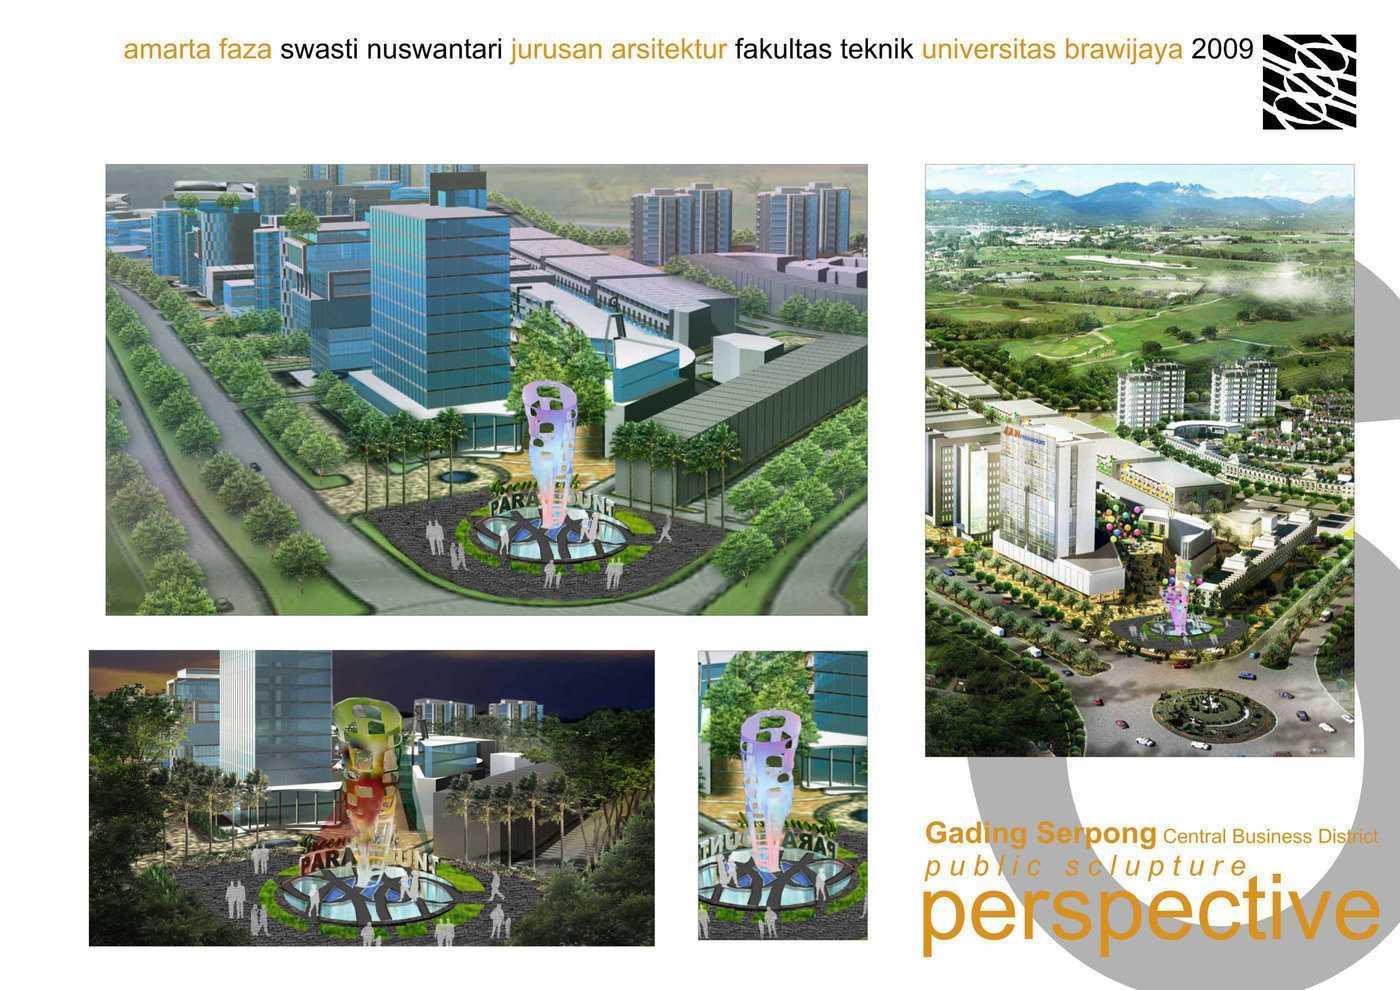 Amarta Faza Design Competition & Concept Indonesia Indonesia Amarta-Faza-Design-Competition-Concept  93688